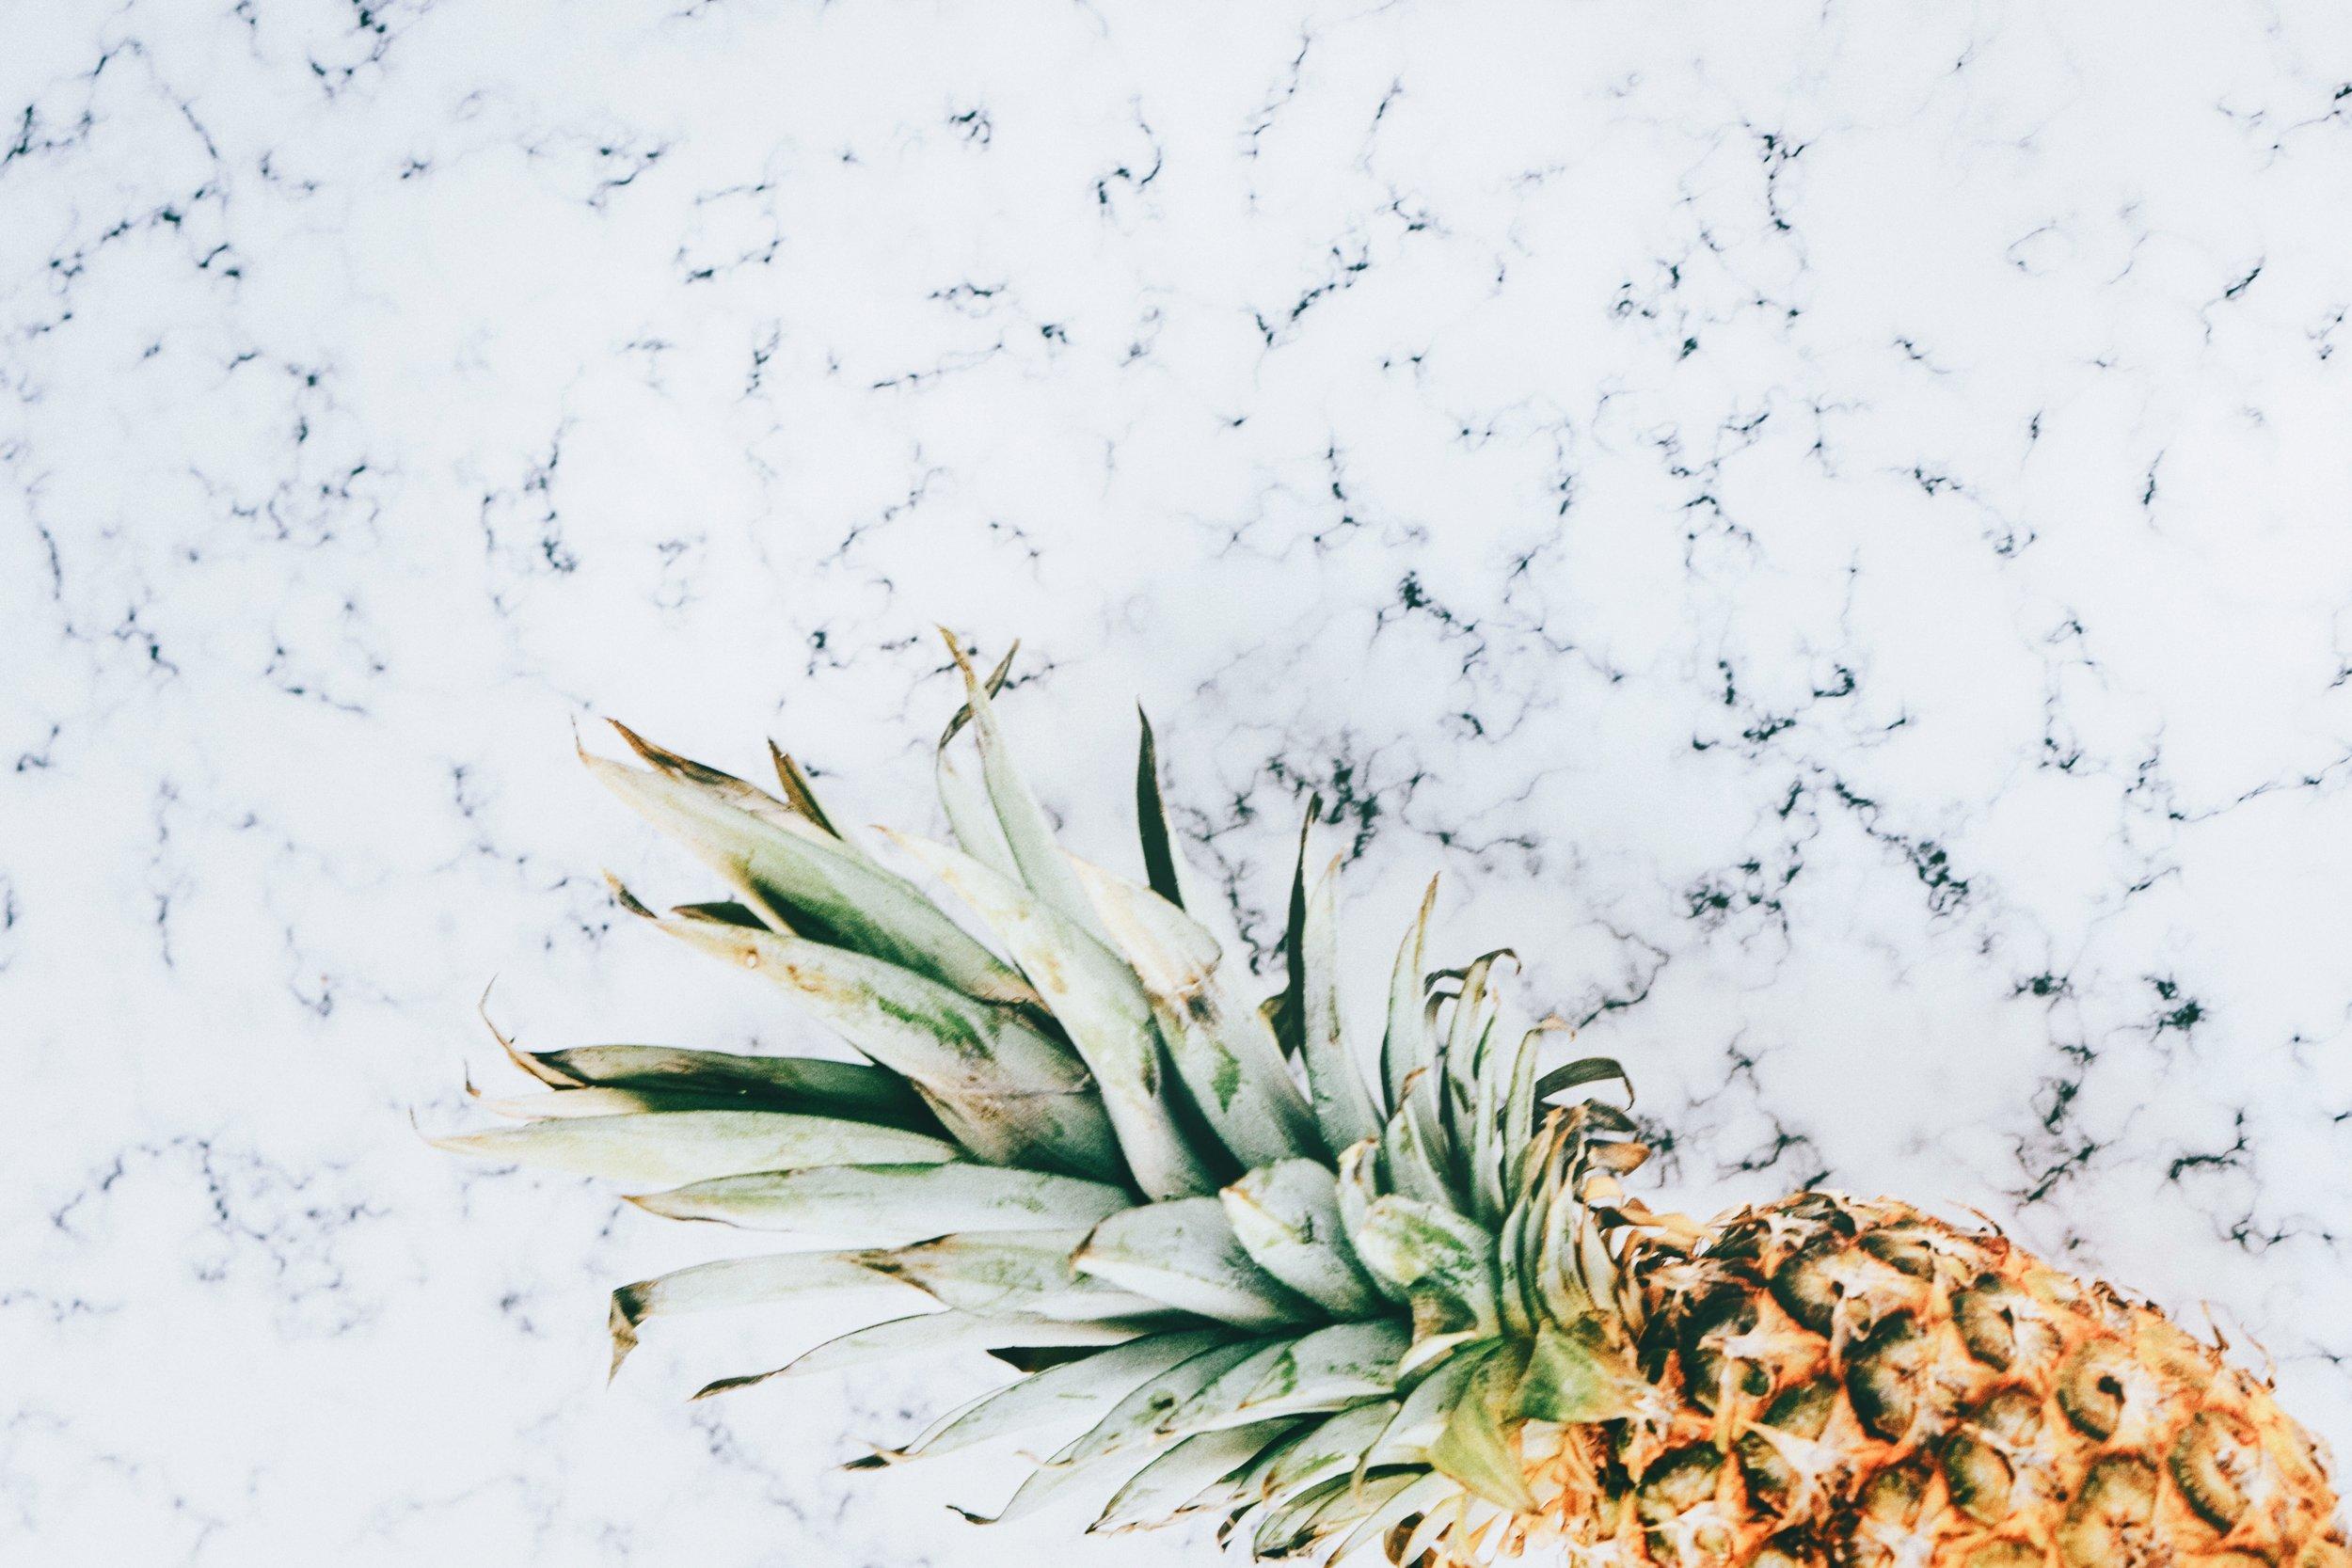 Summer Soundtrack_Pineapple 2.jpg